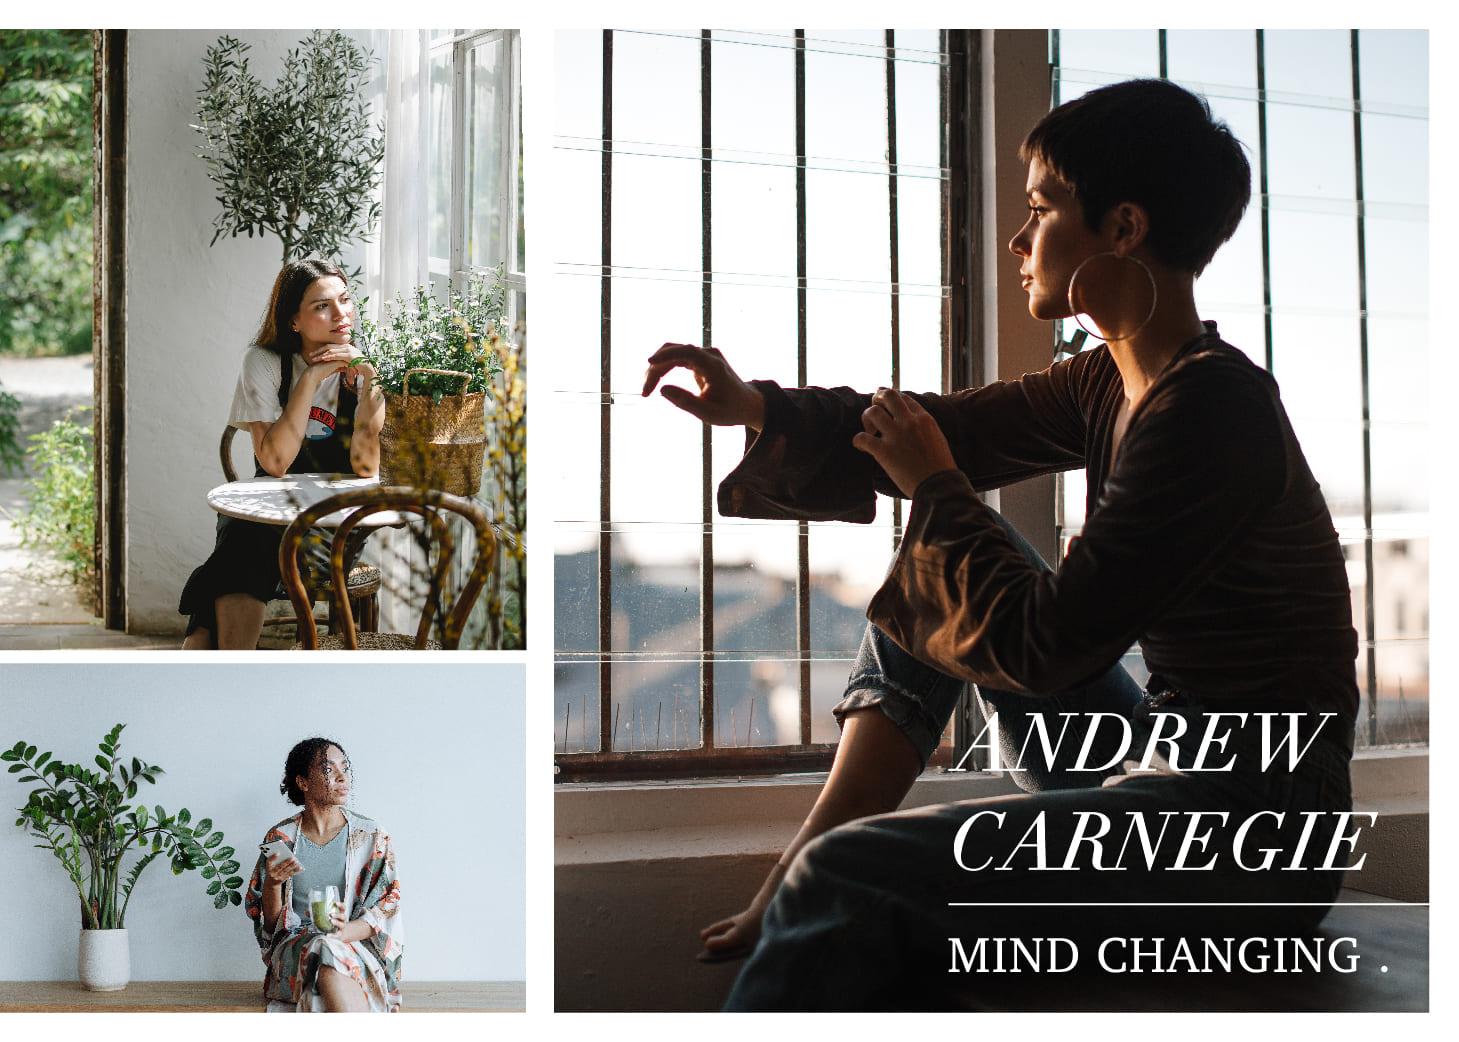 「改變,往往在一念間」卡內基的2個轉念小故事:趕不上的,都是目標Andrew Carnegie / Mind Changing